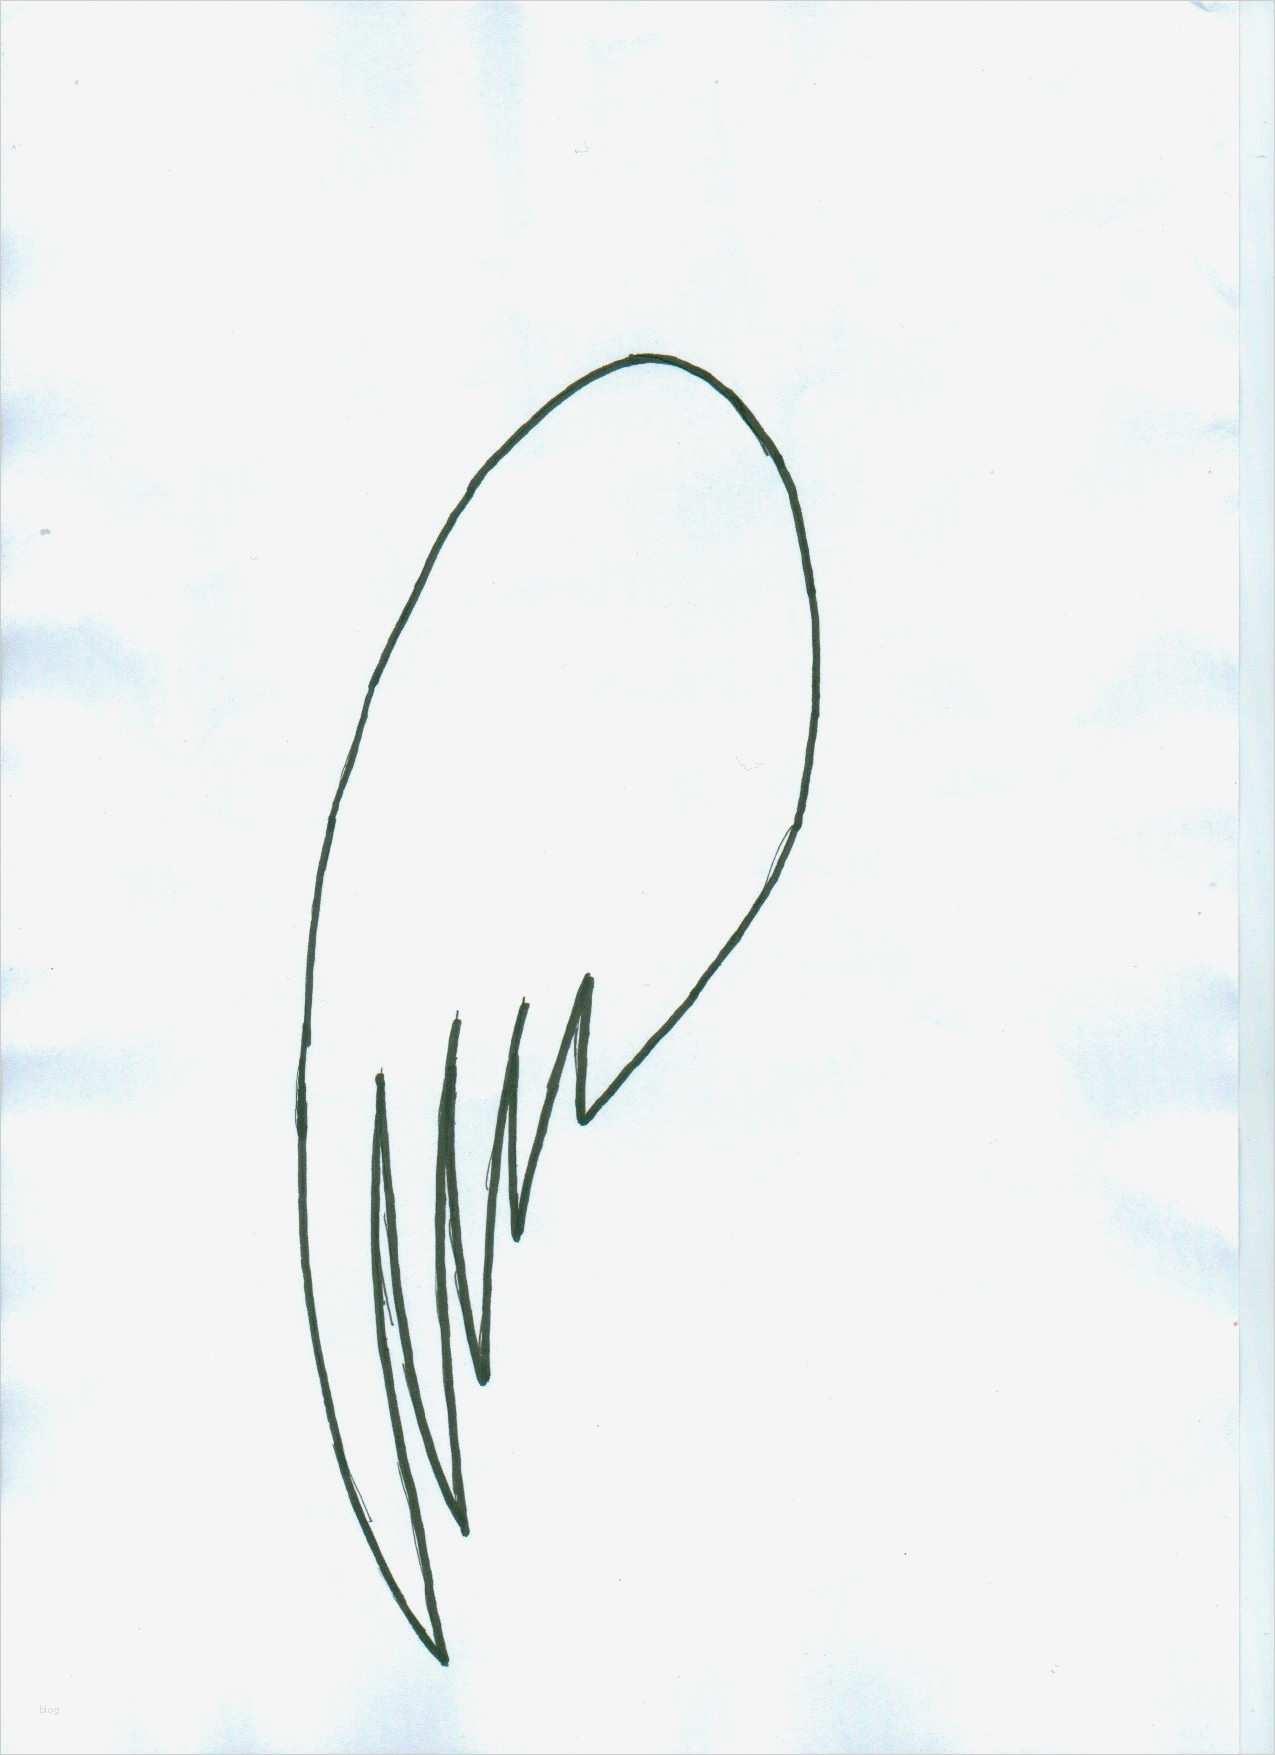 engelsflügel vorlage zum ausdrucken genial engelsflügel